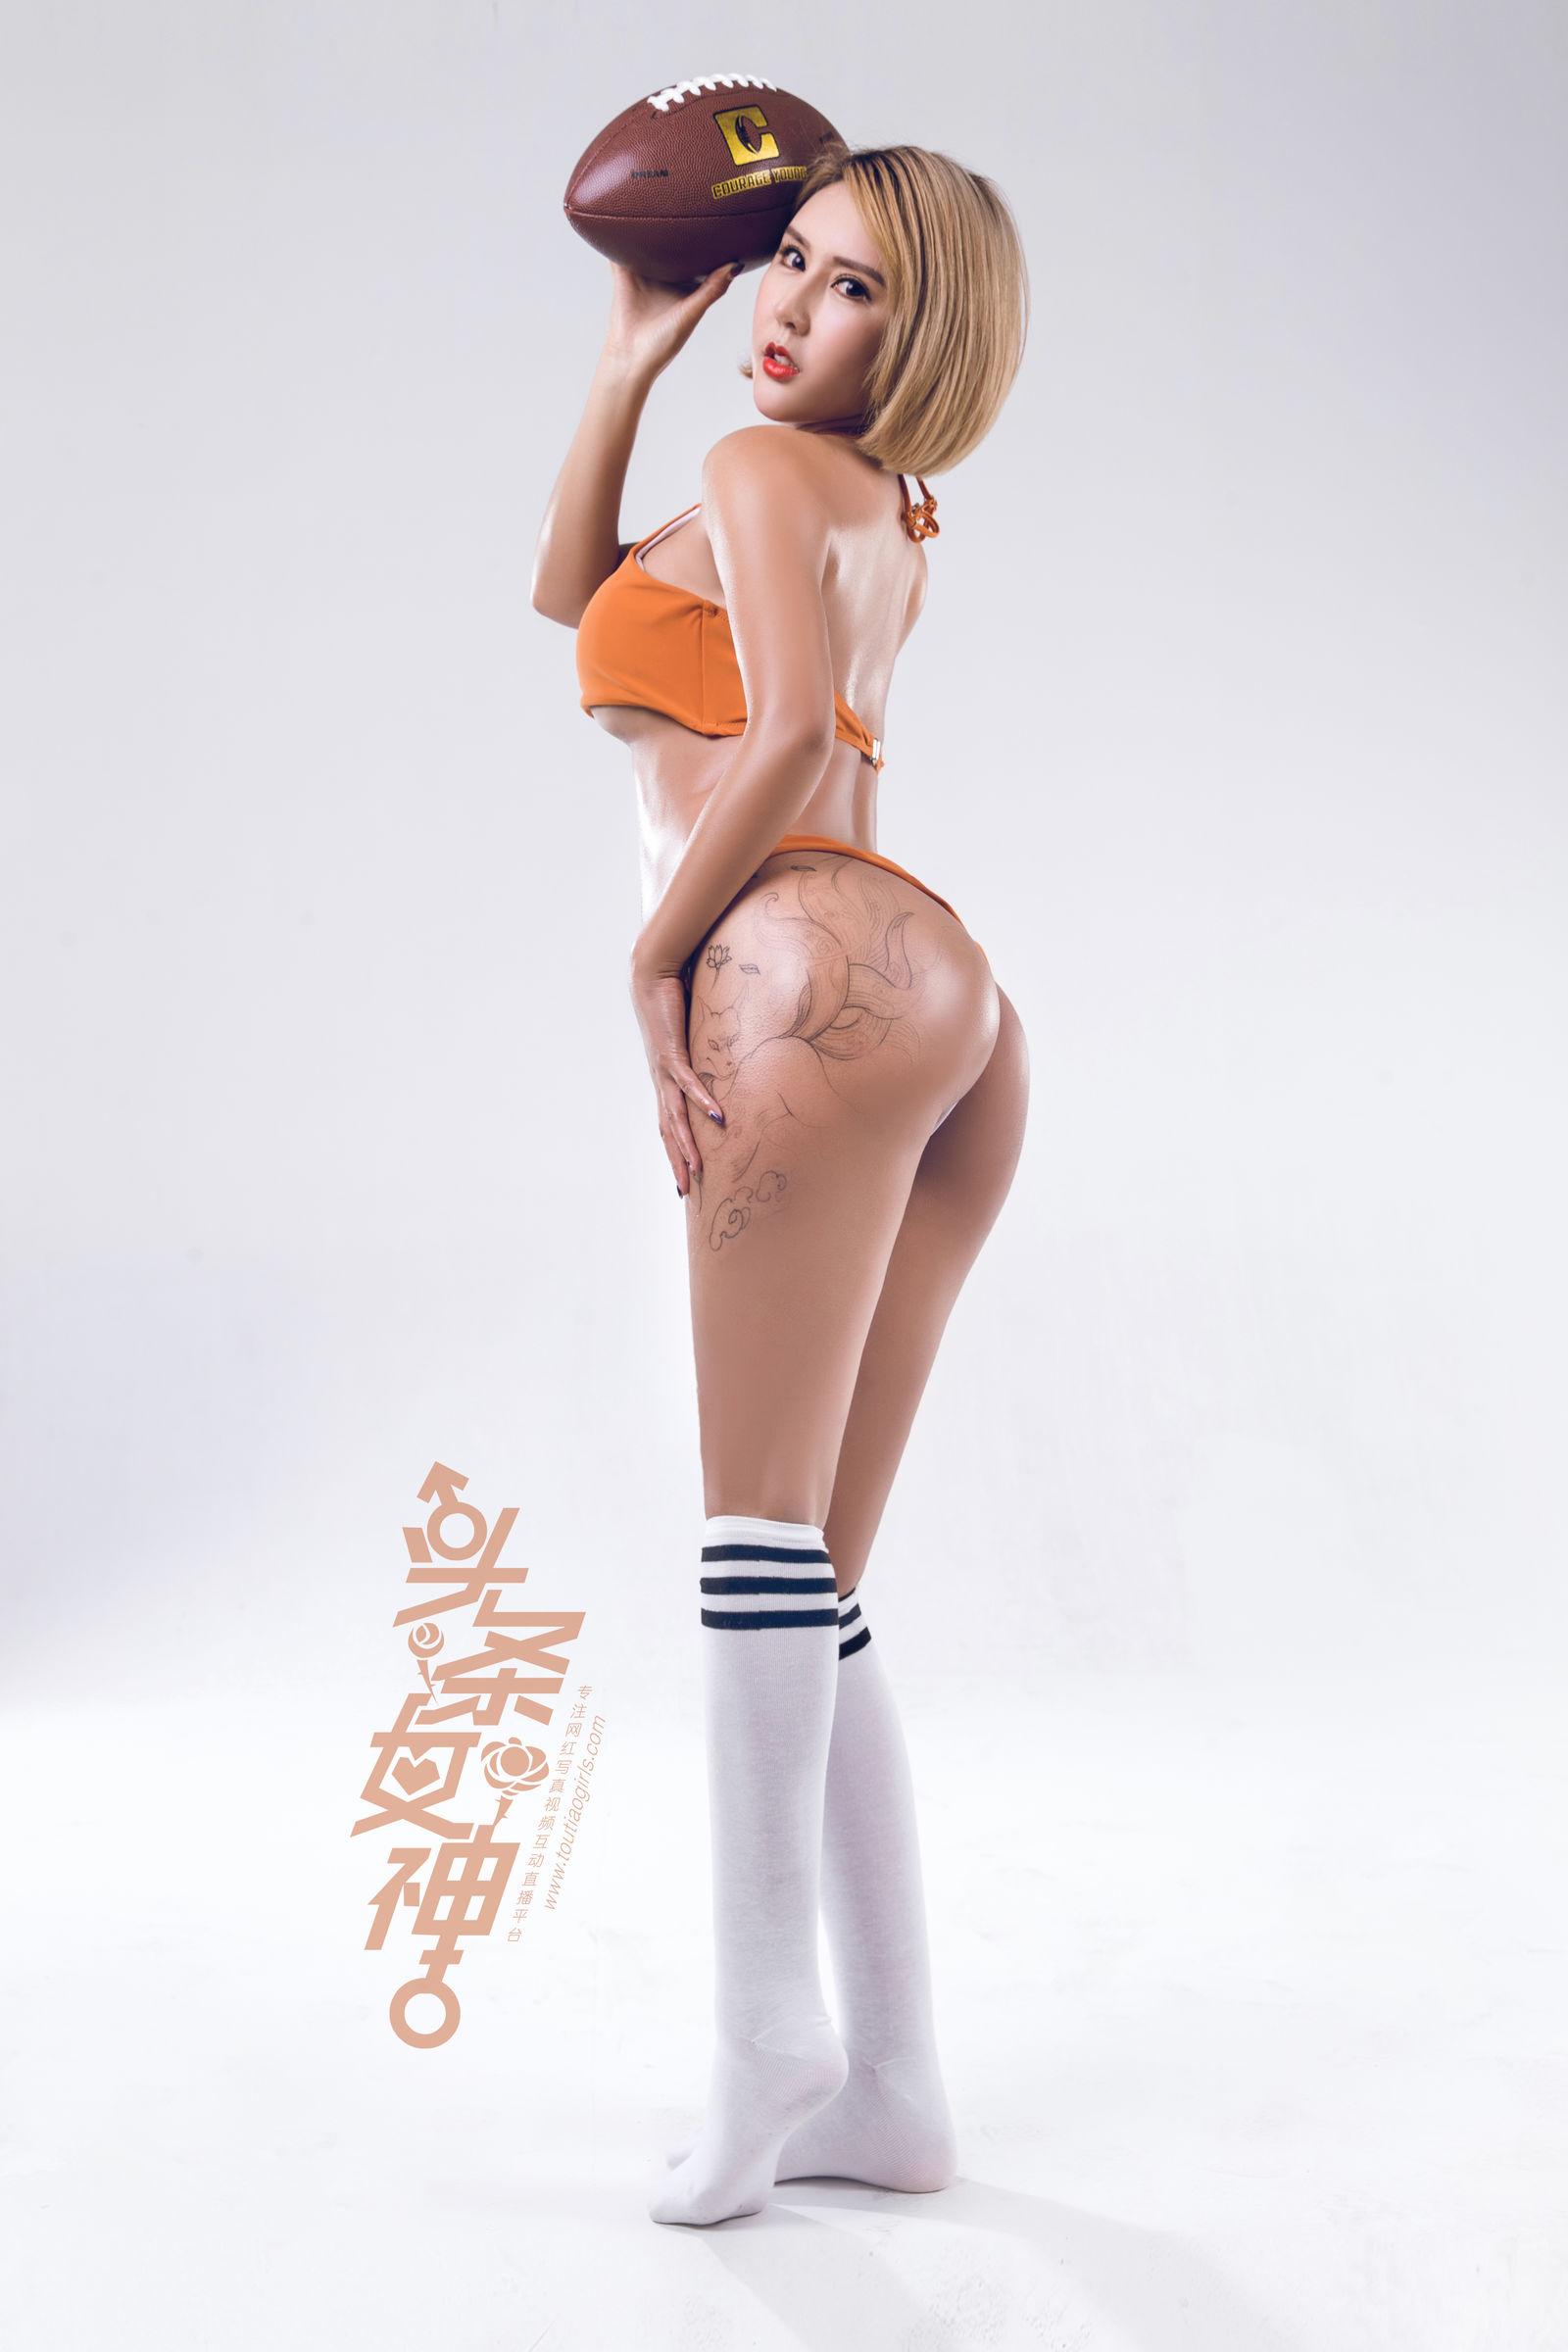 娜依灵儿 - 超级碗爆弹